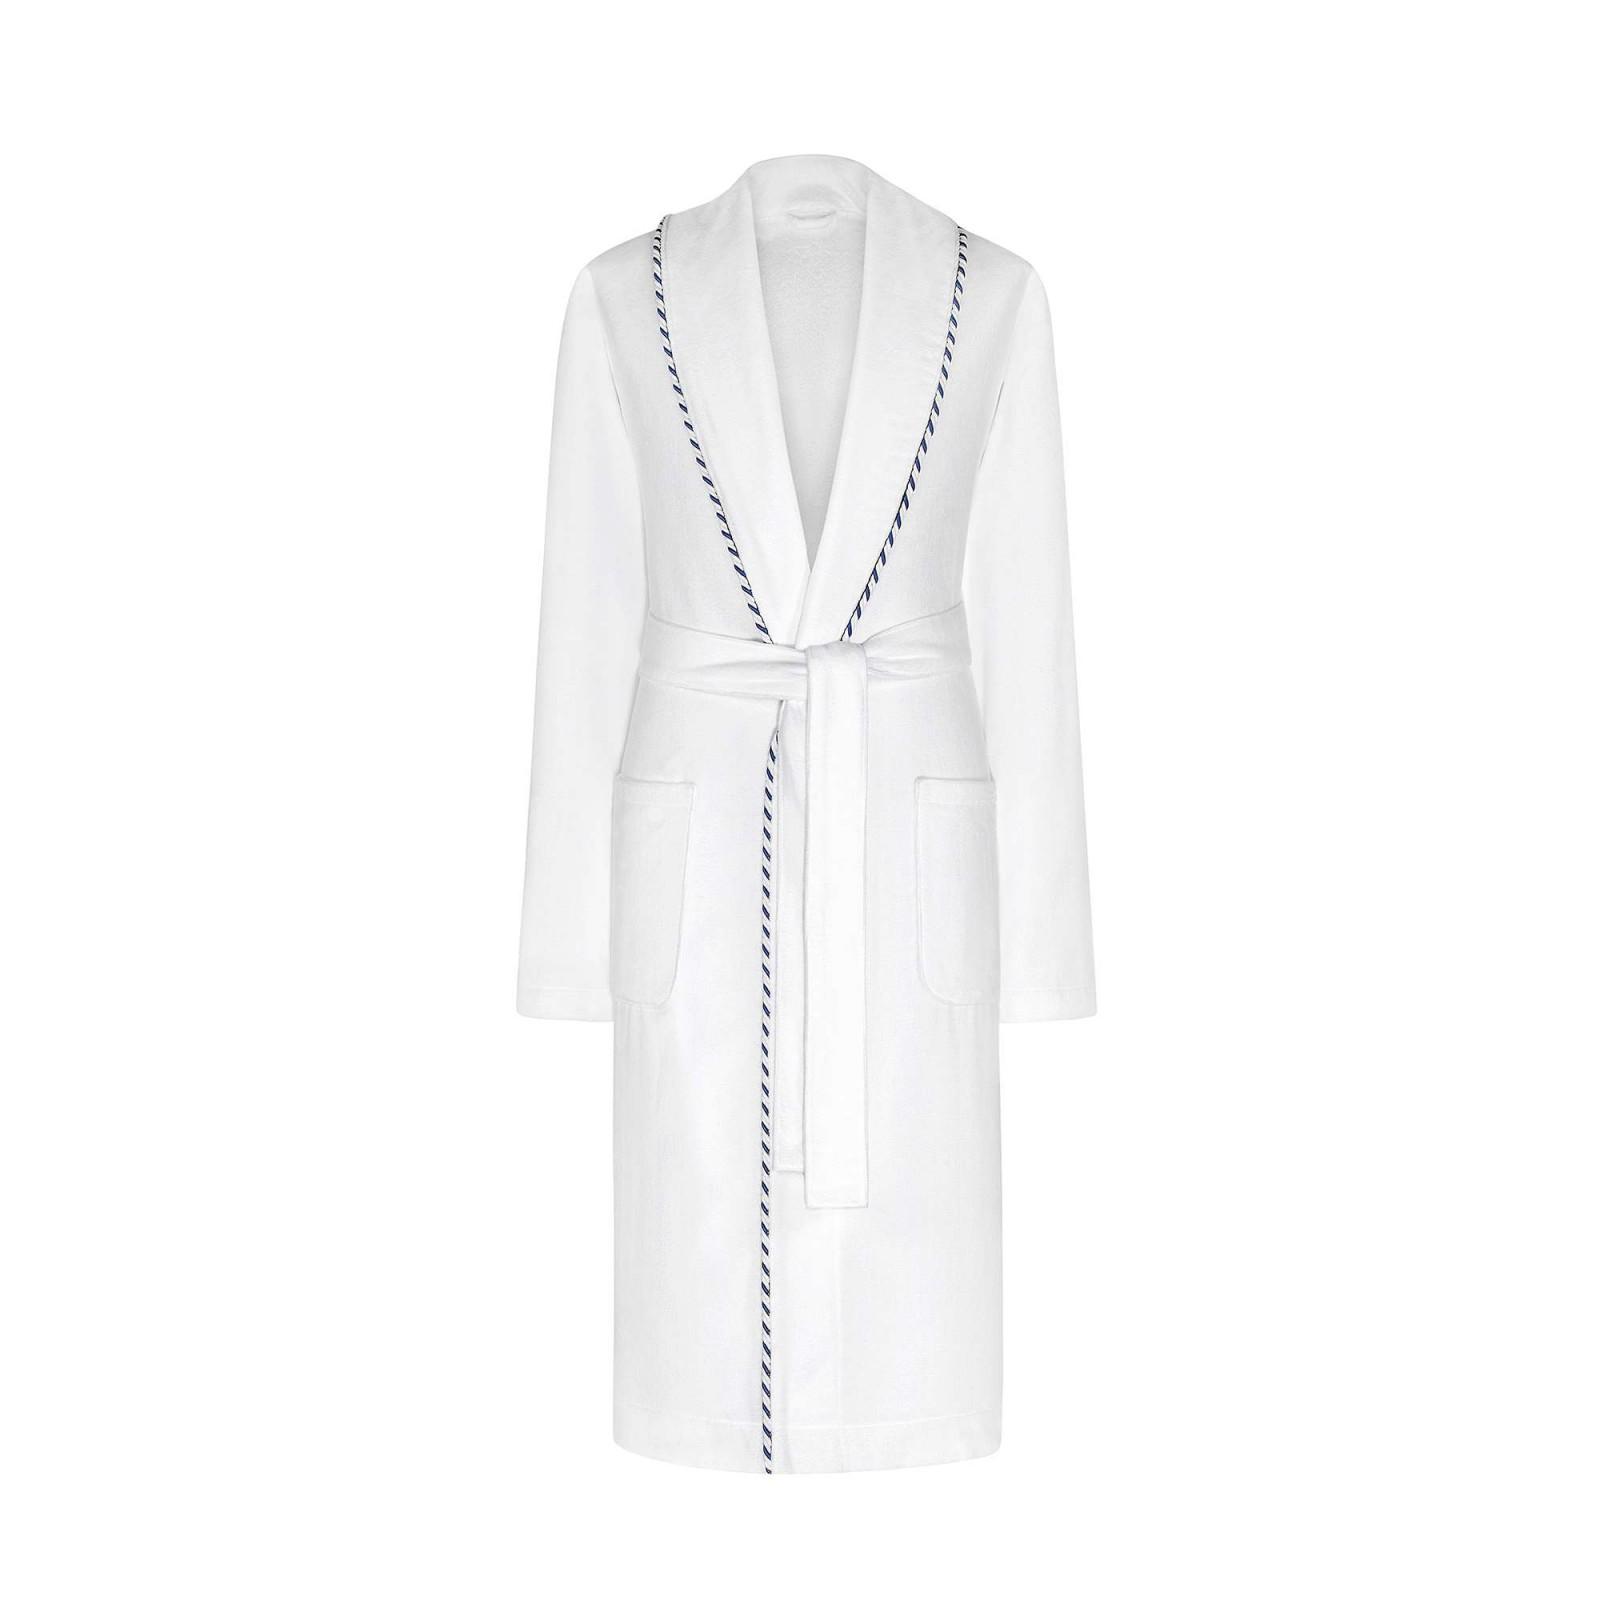 Сауны, бани и оборудование Togas Халат Роберт Цвет: Белый (M) togas халат мужской конолли